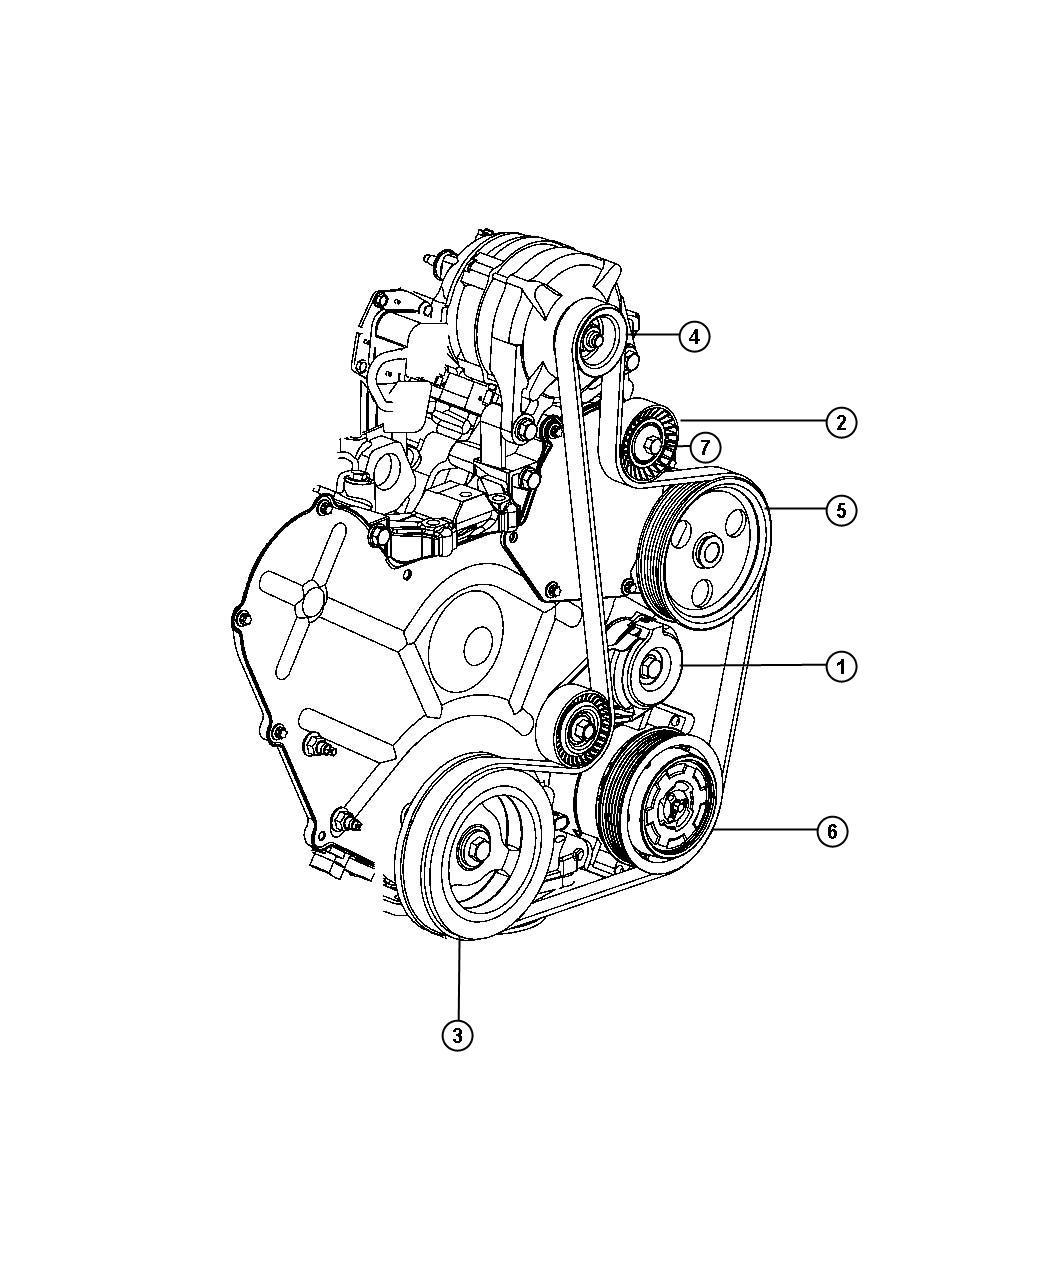 Dodge Journey R T Fwd 3 5l High Output V6 24v Mpi 6